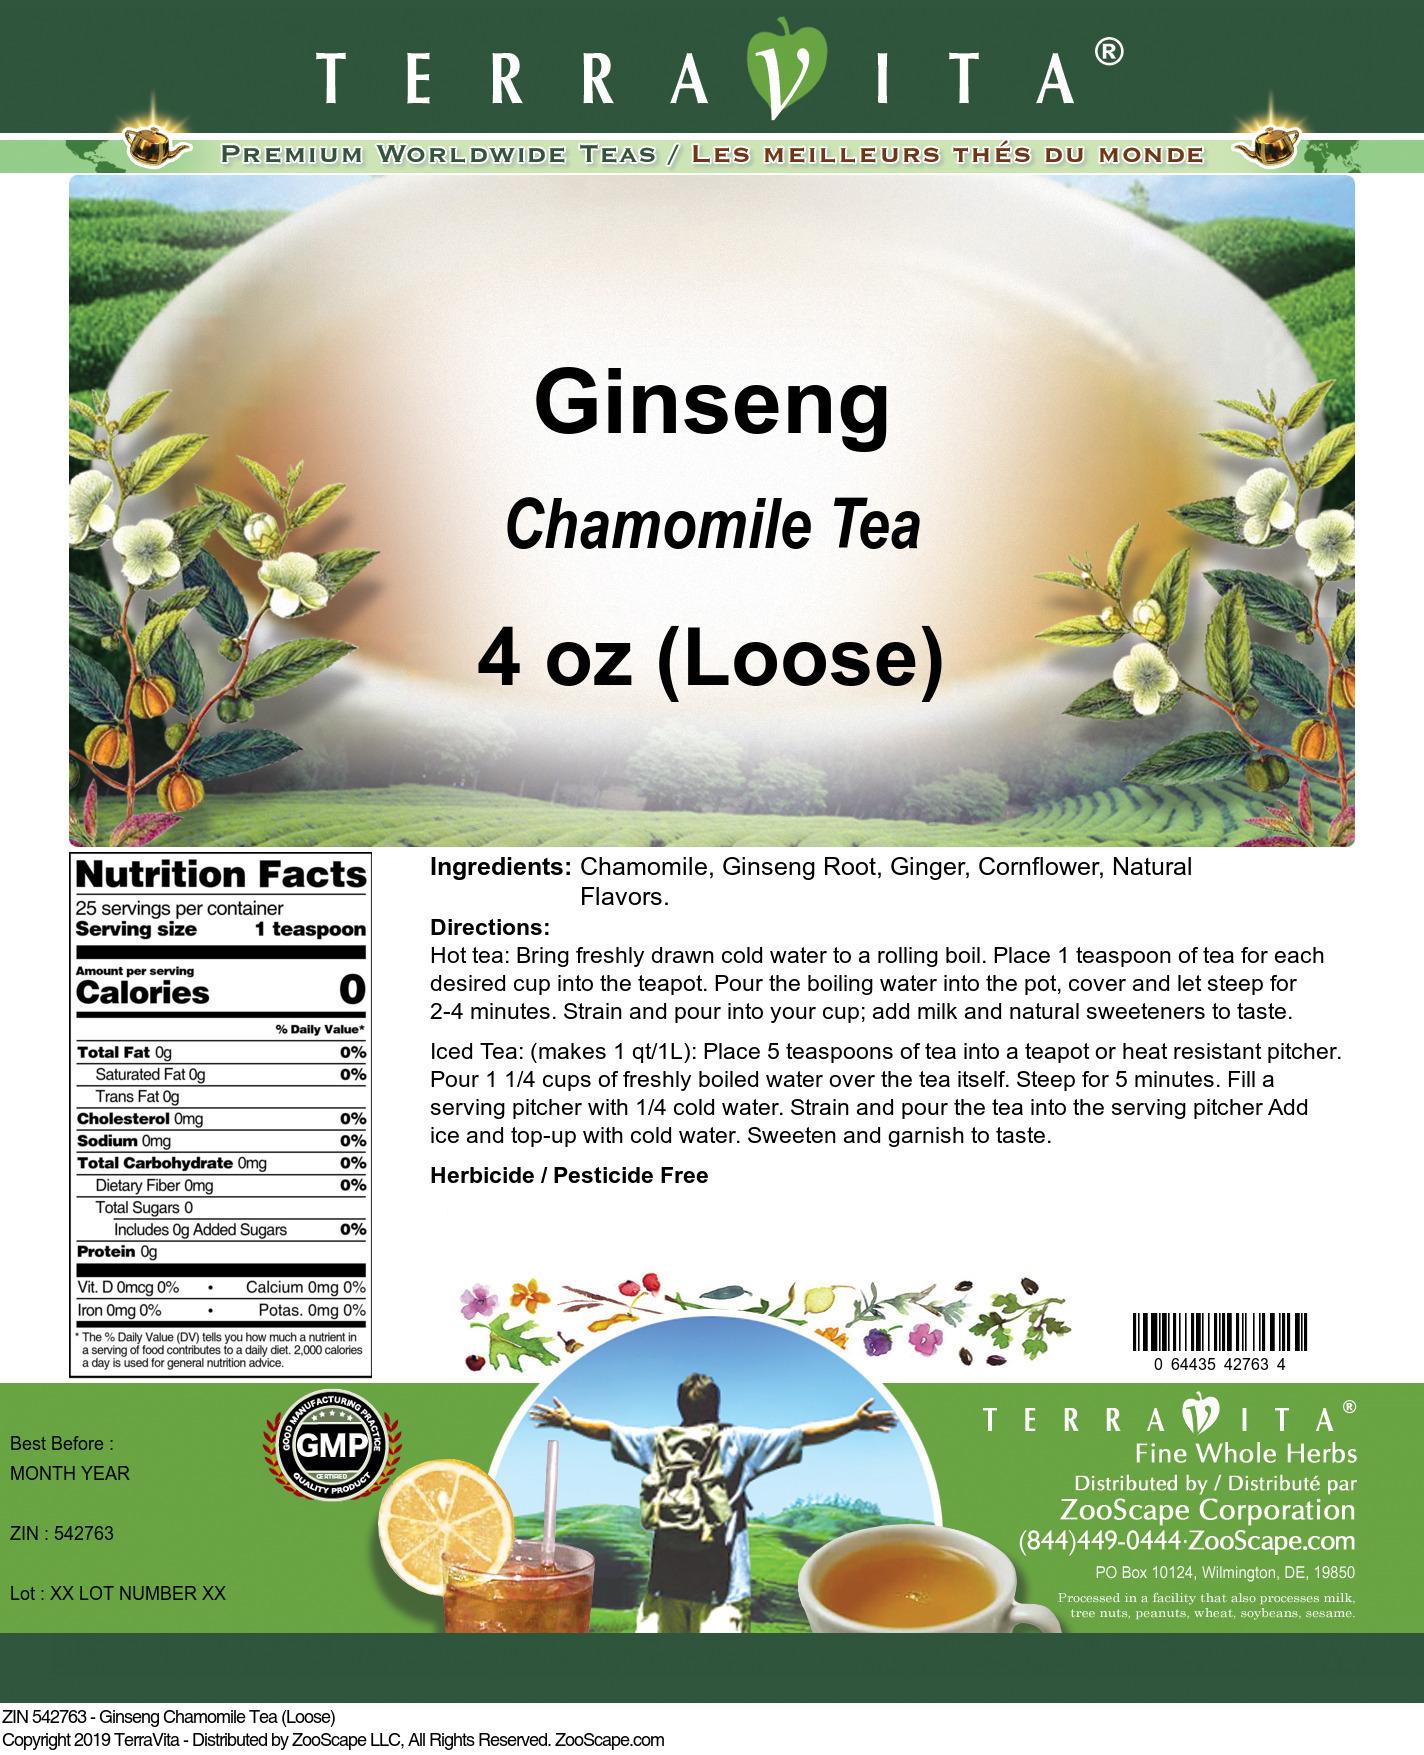 Ginseng Chamomile Tea